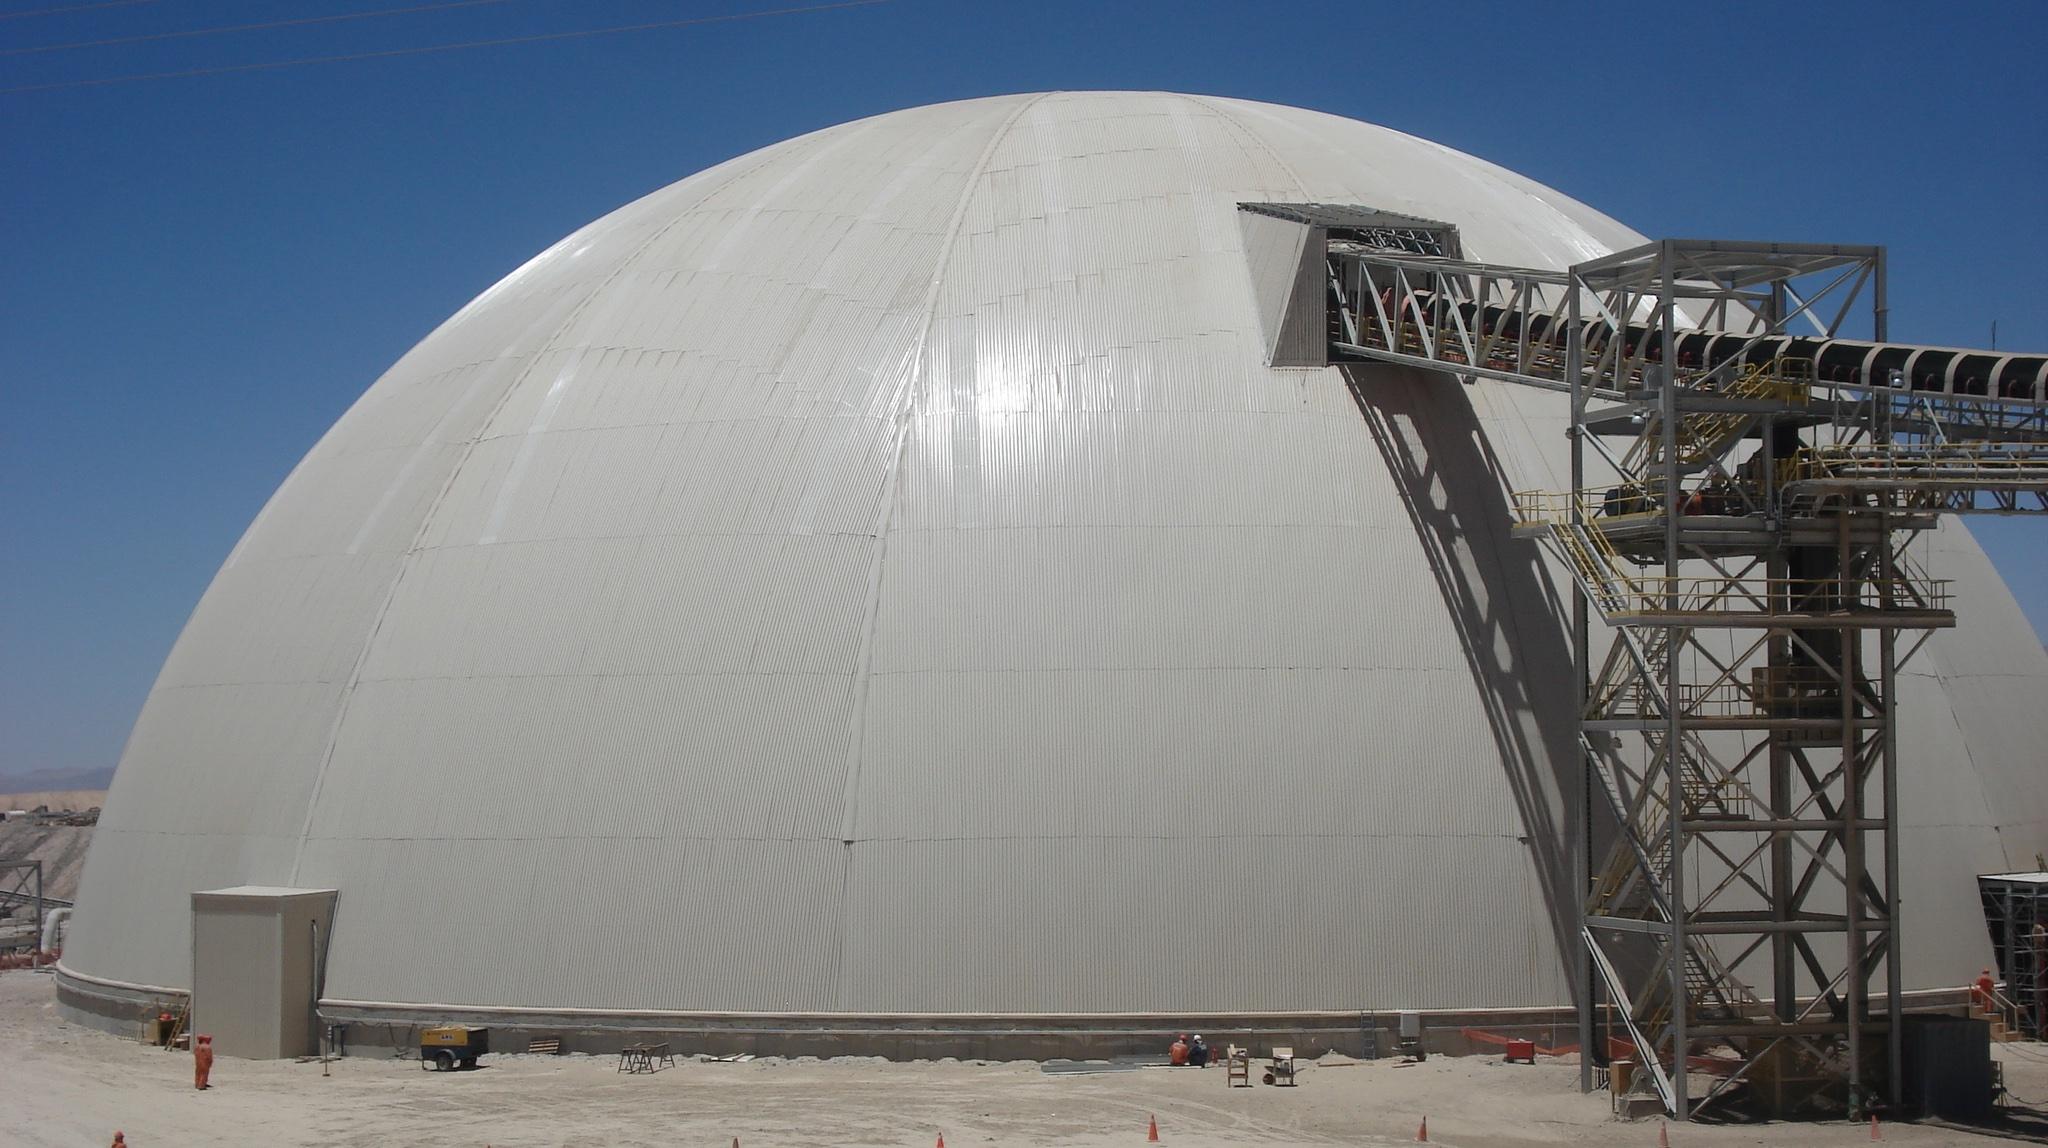 Zaldivar dome: 95M diameter